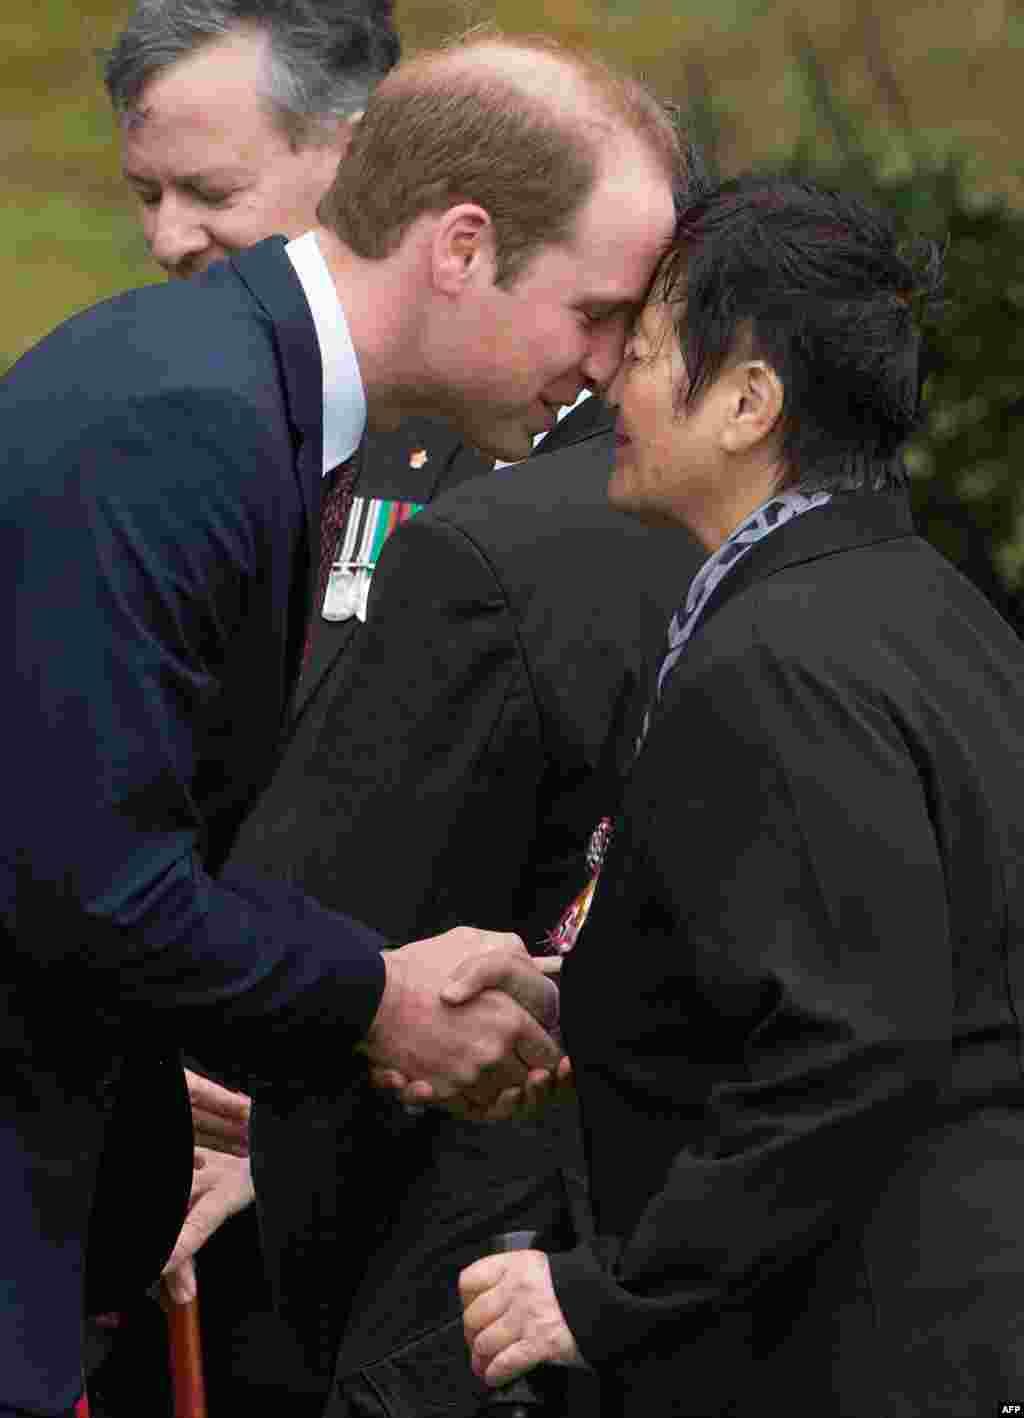 """Данный вид приветствия у Маори называется """"хонги"""" На фото - принци Уильям приветствует старейшину Маори во время поездки в Новую зеландию в 2014 году"""